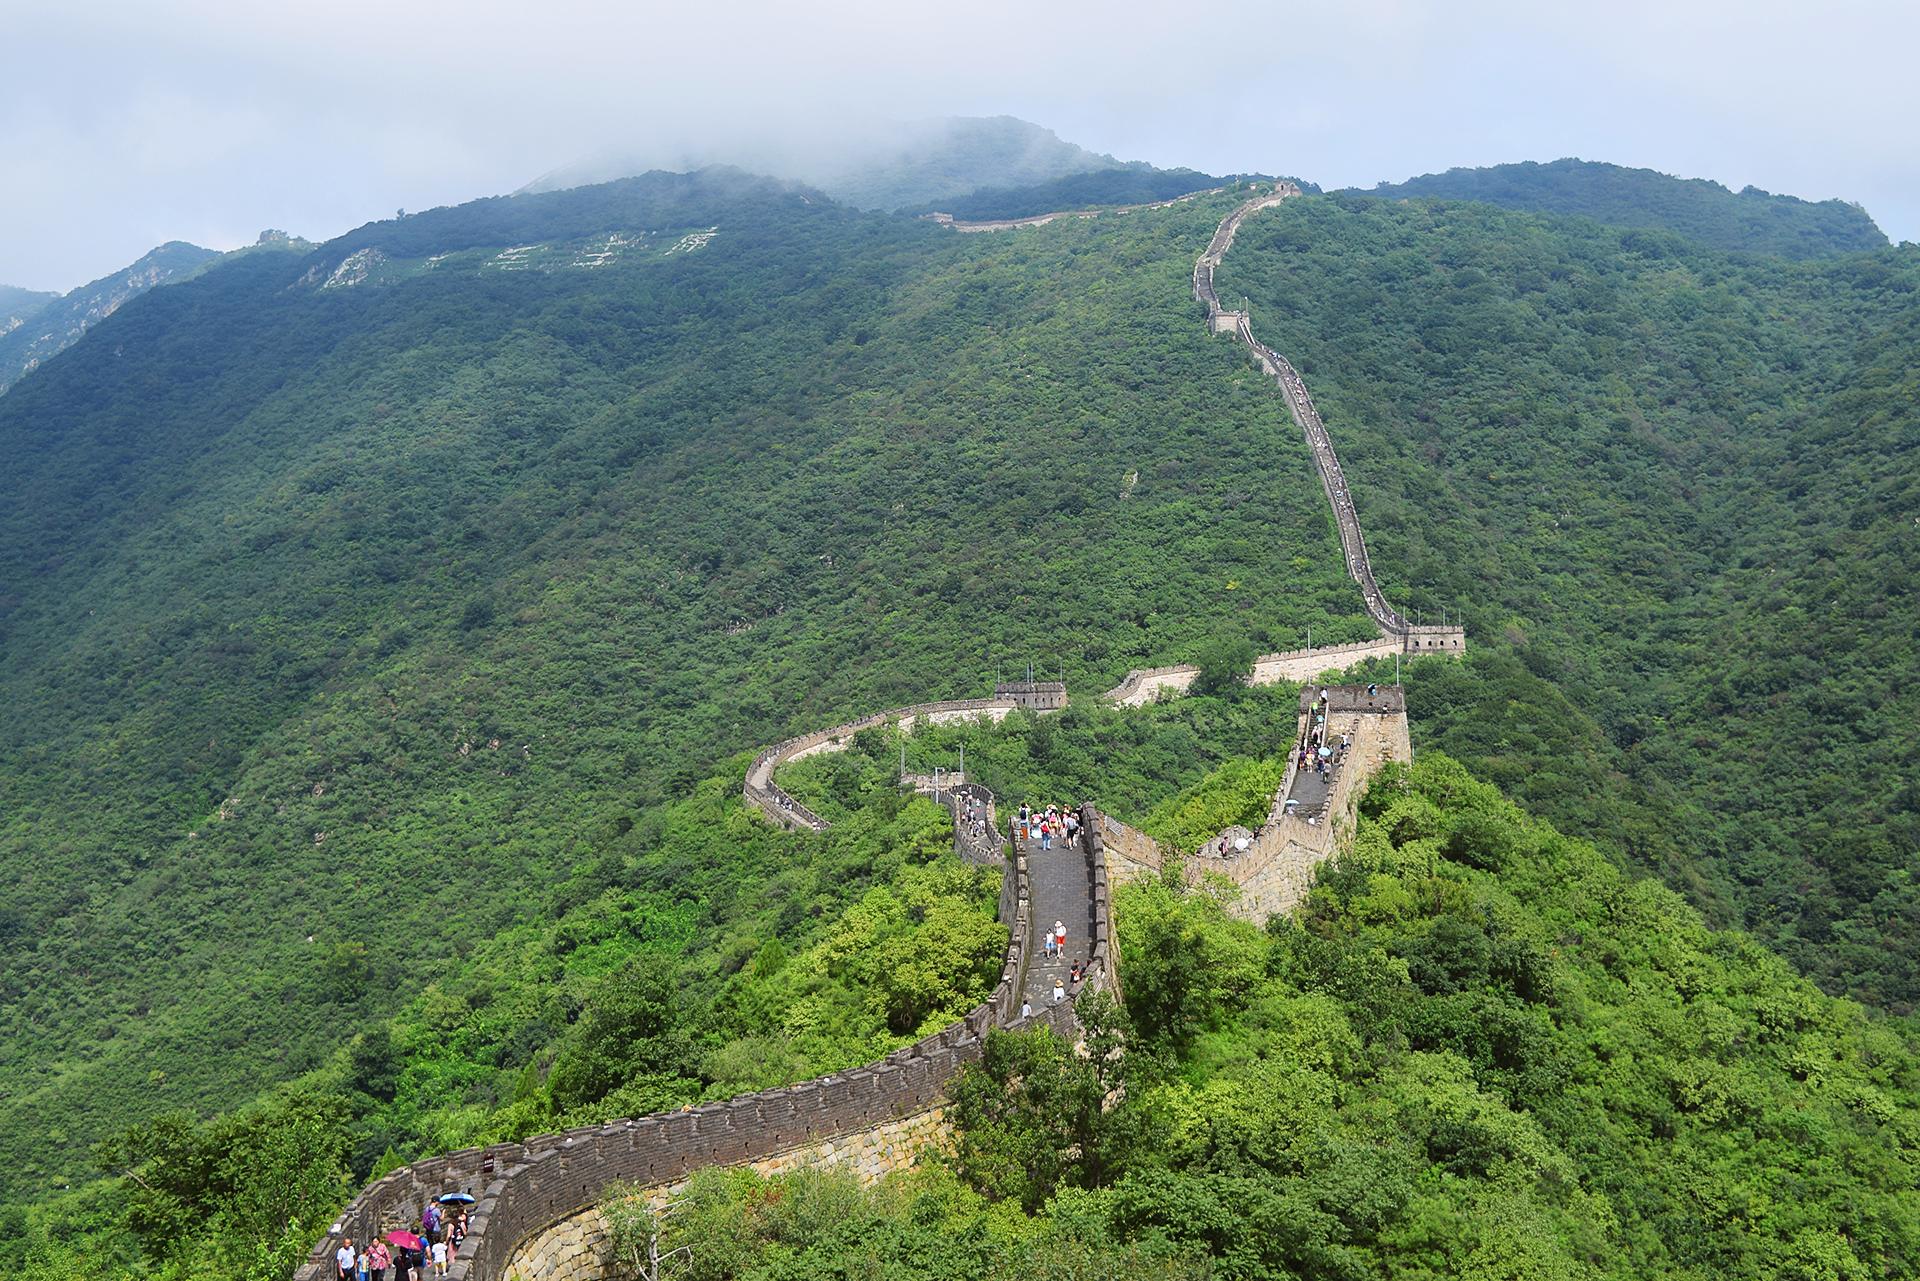 """""""No puedes ser un verdadero hombre si nunca has escalado la Muralla China"""" - Proverbio Chino."""